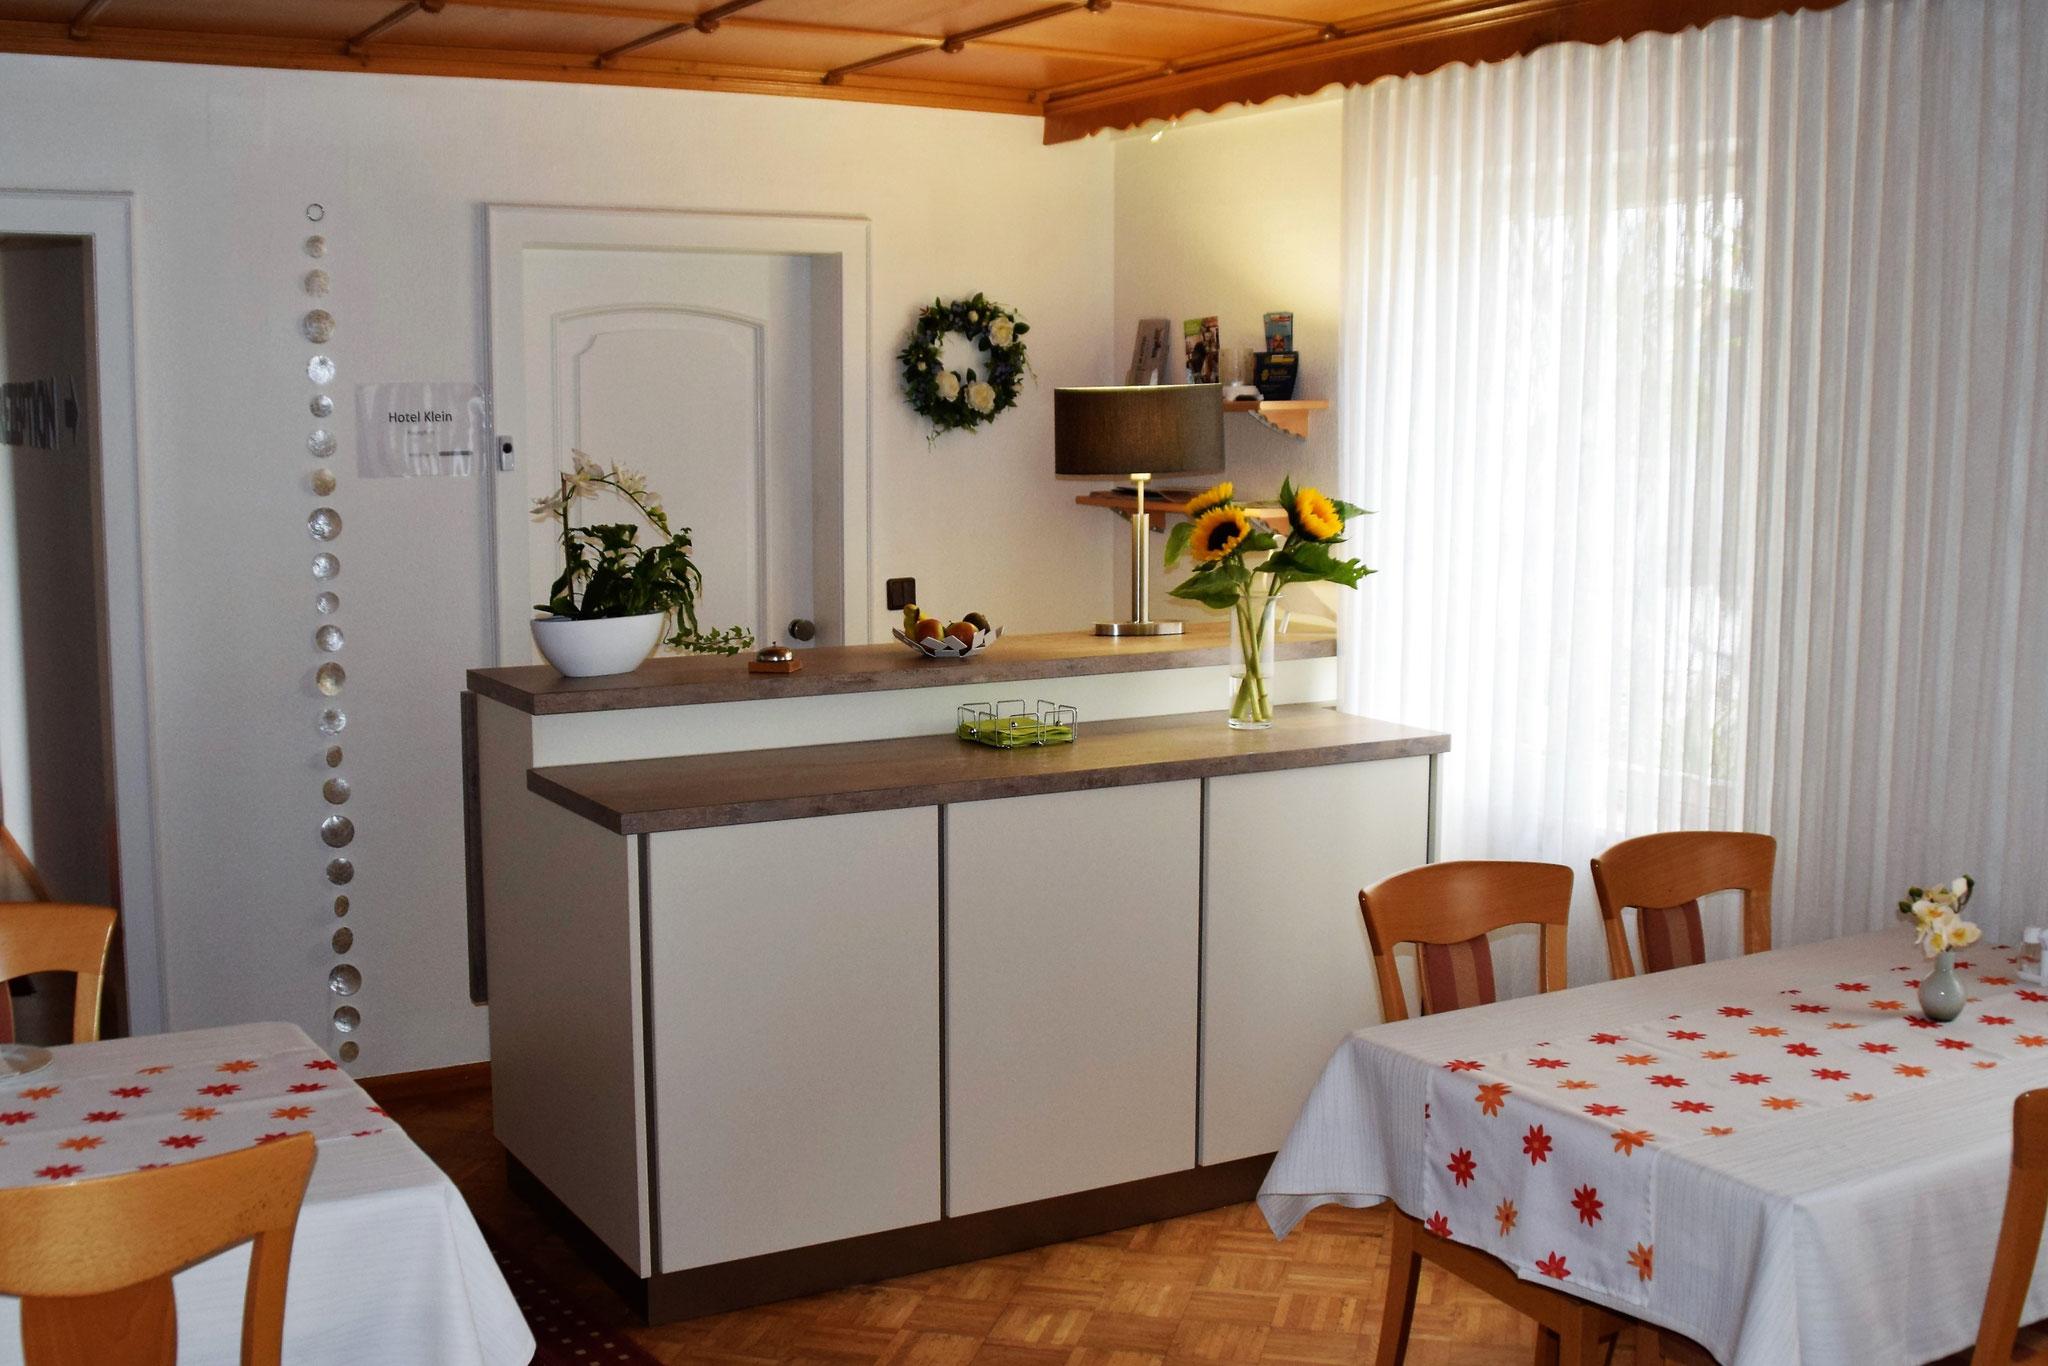 Unsere Zimmer Verfügen über Folgende Ausstattung Hotel Klein